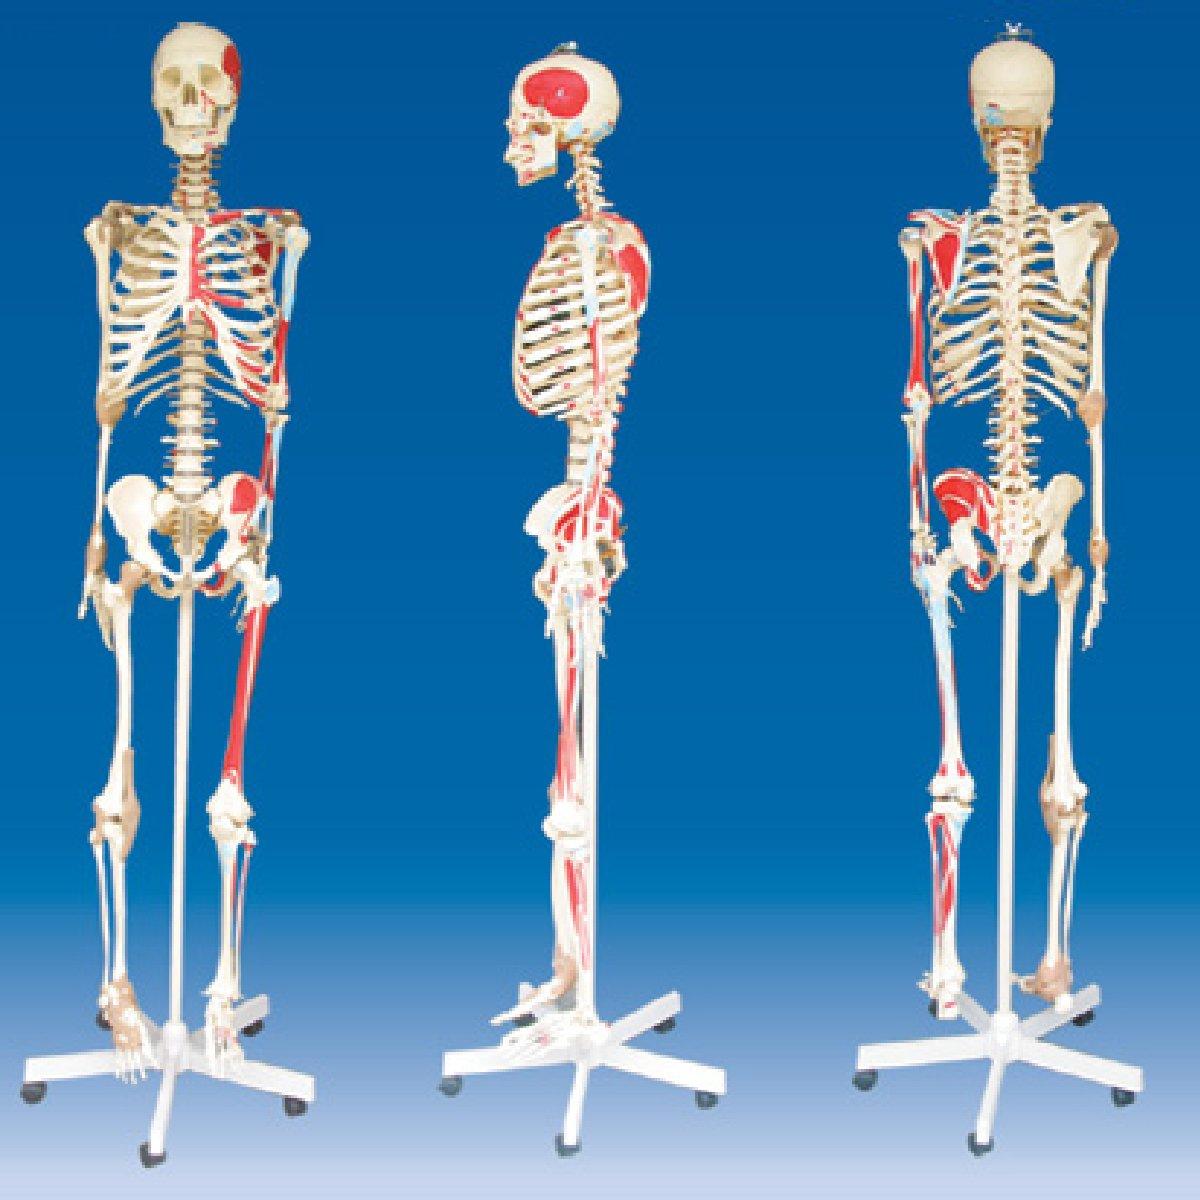 מודלים גוף האדם